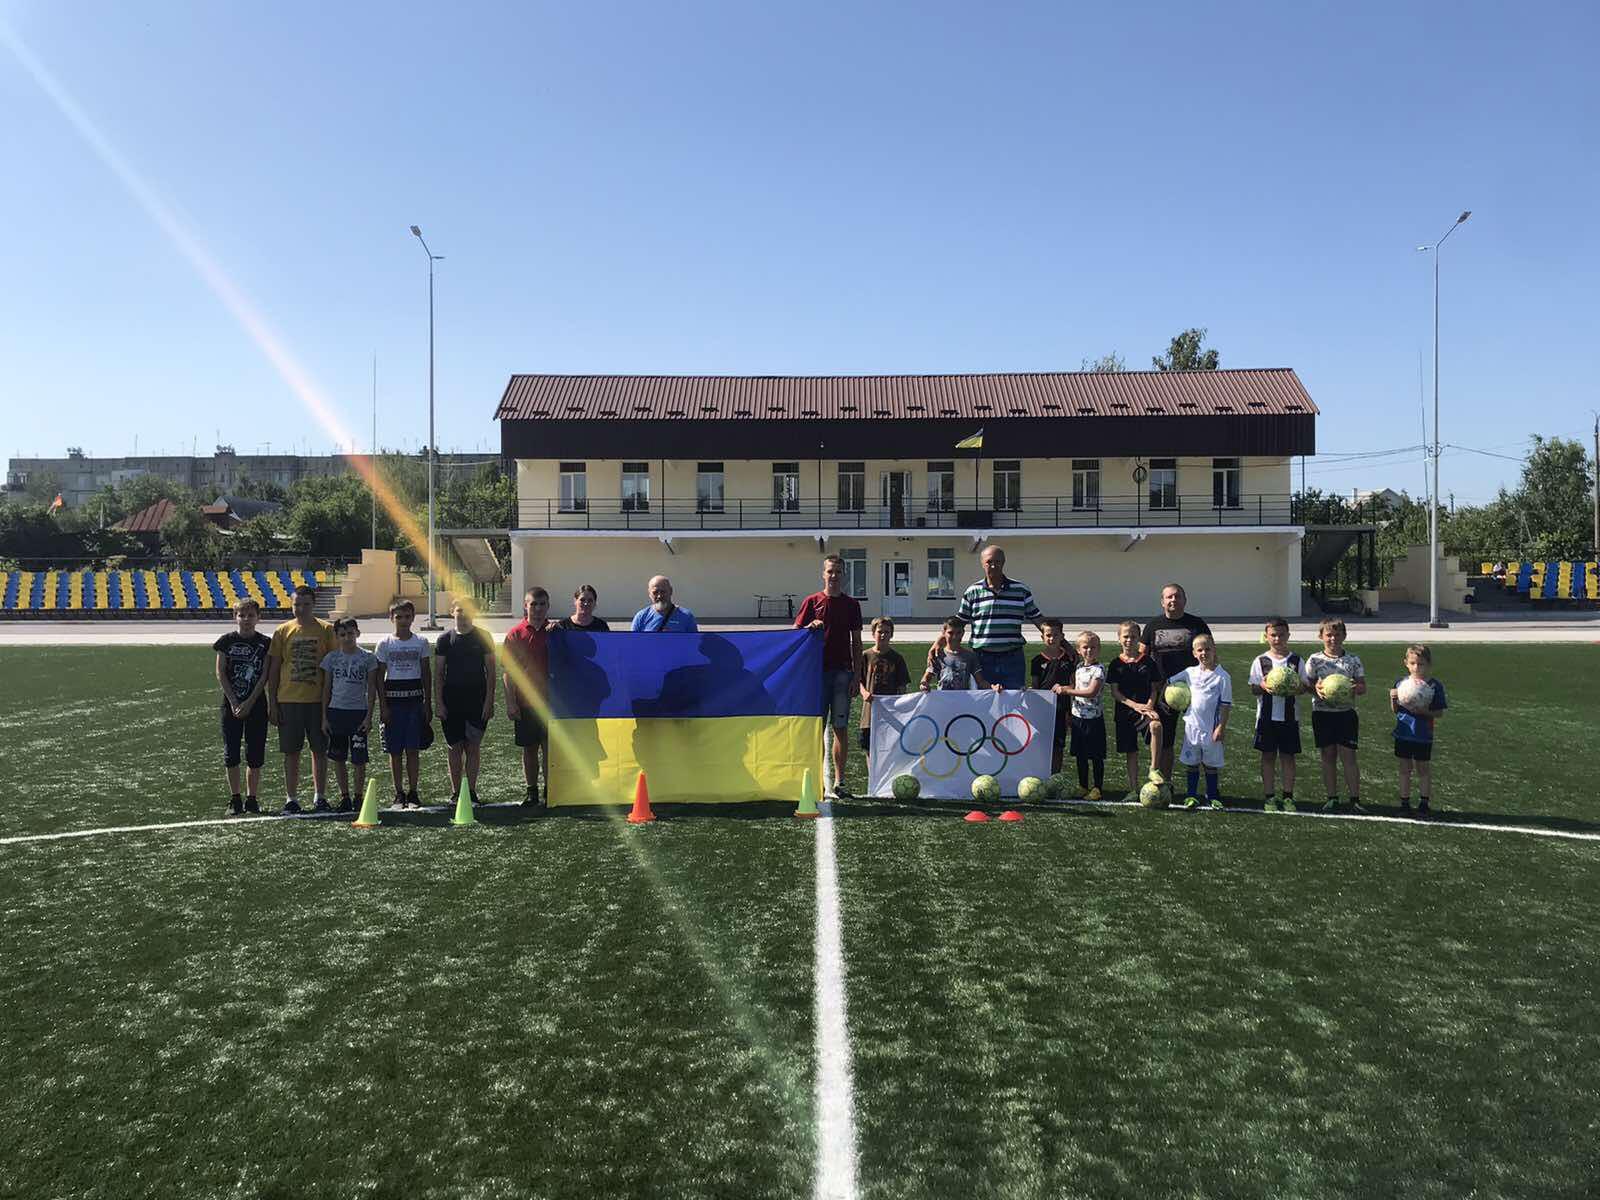 Підняття олімпійського прапора, Іванківська громада. фото